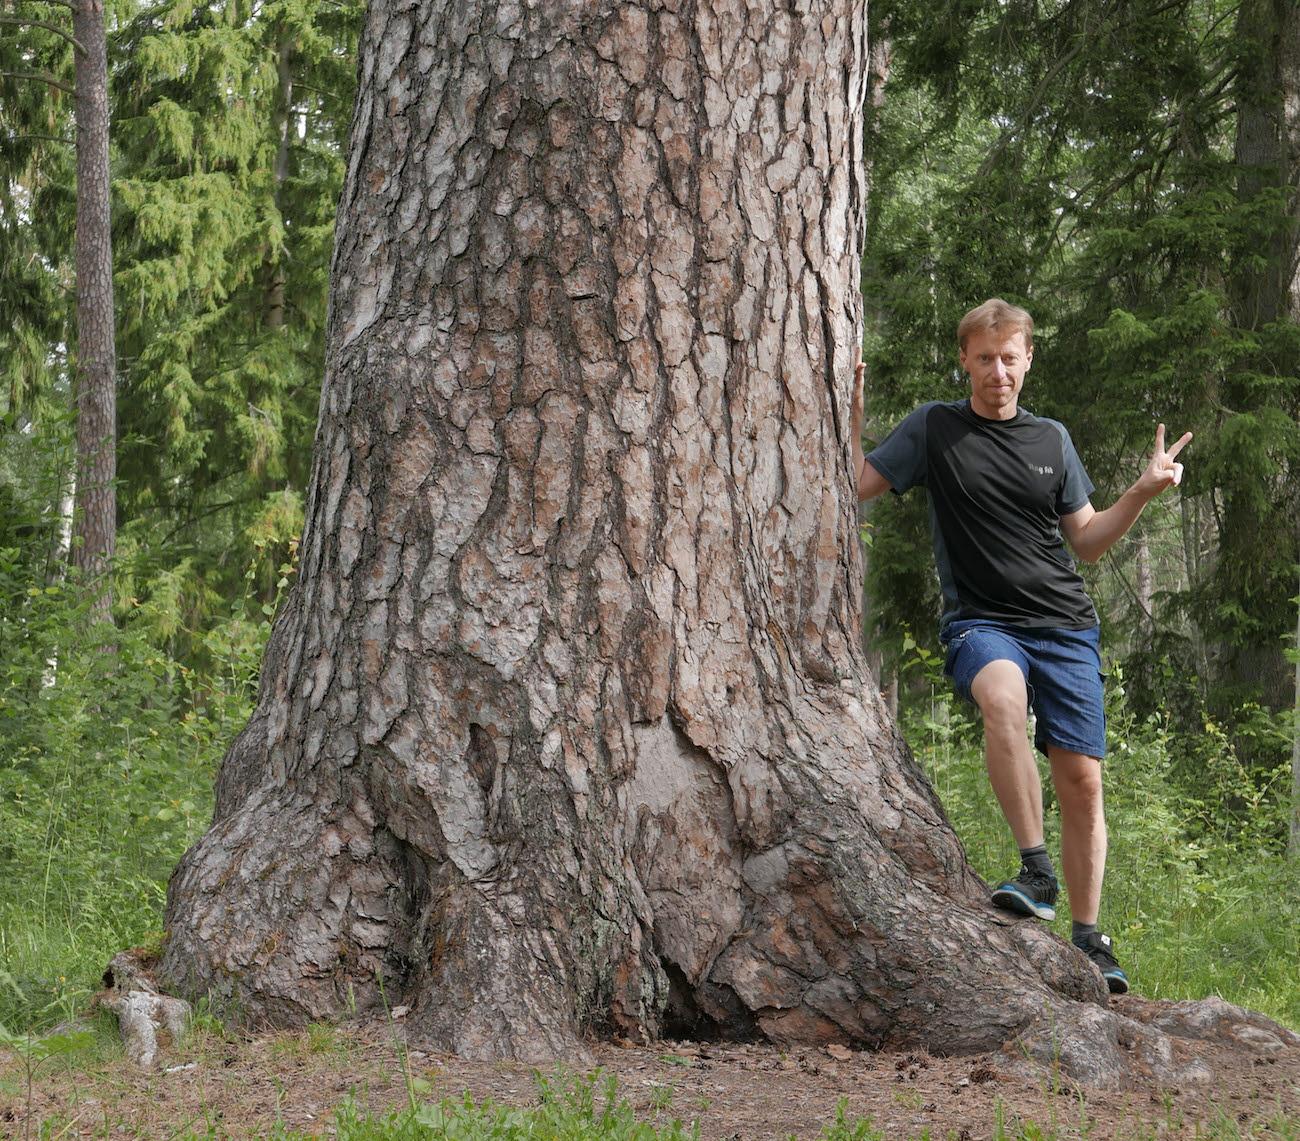 Mattias Glad lutar sig mot en tall med omkretsen 447 cm i Kronparken, Uppsala.